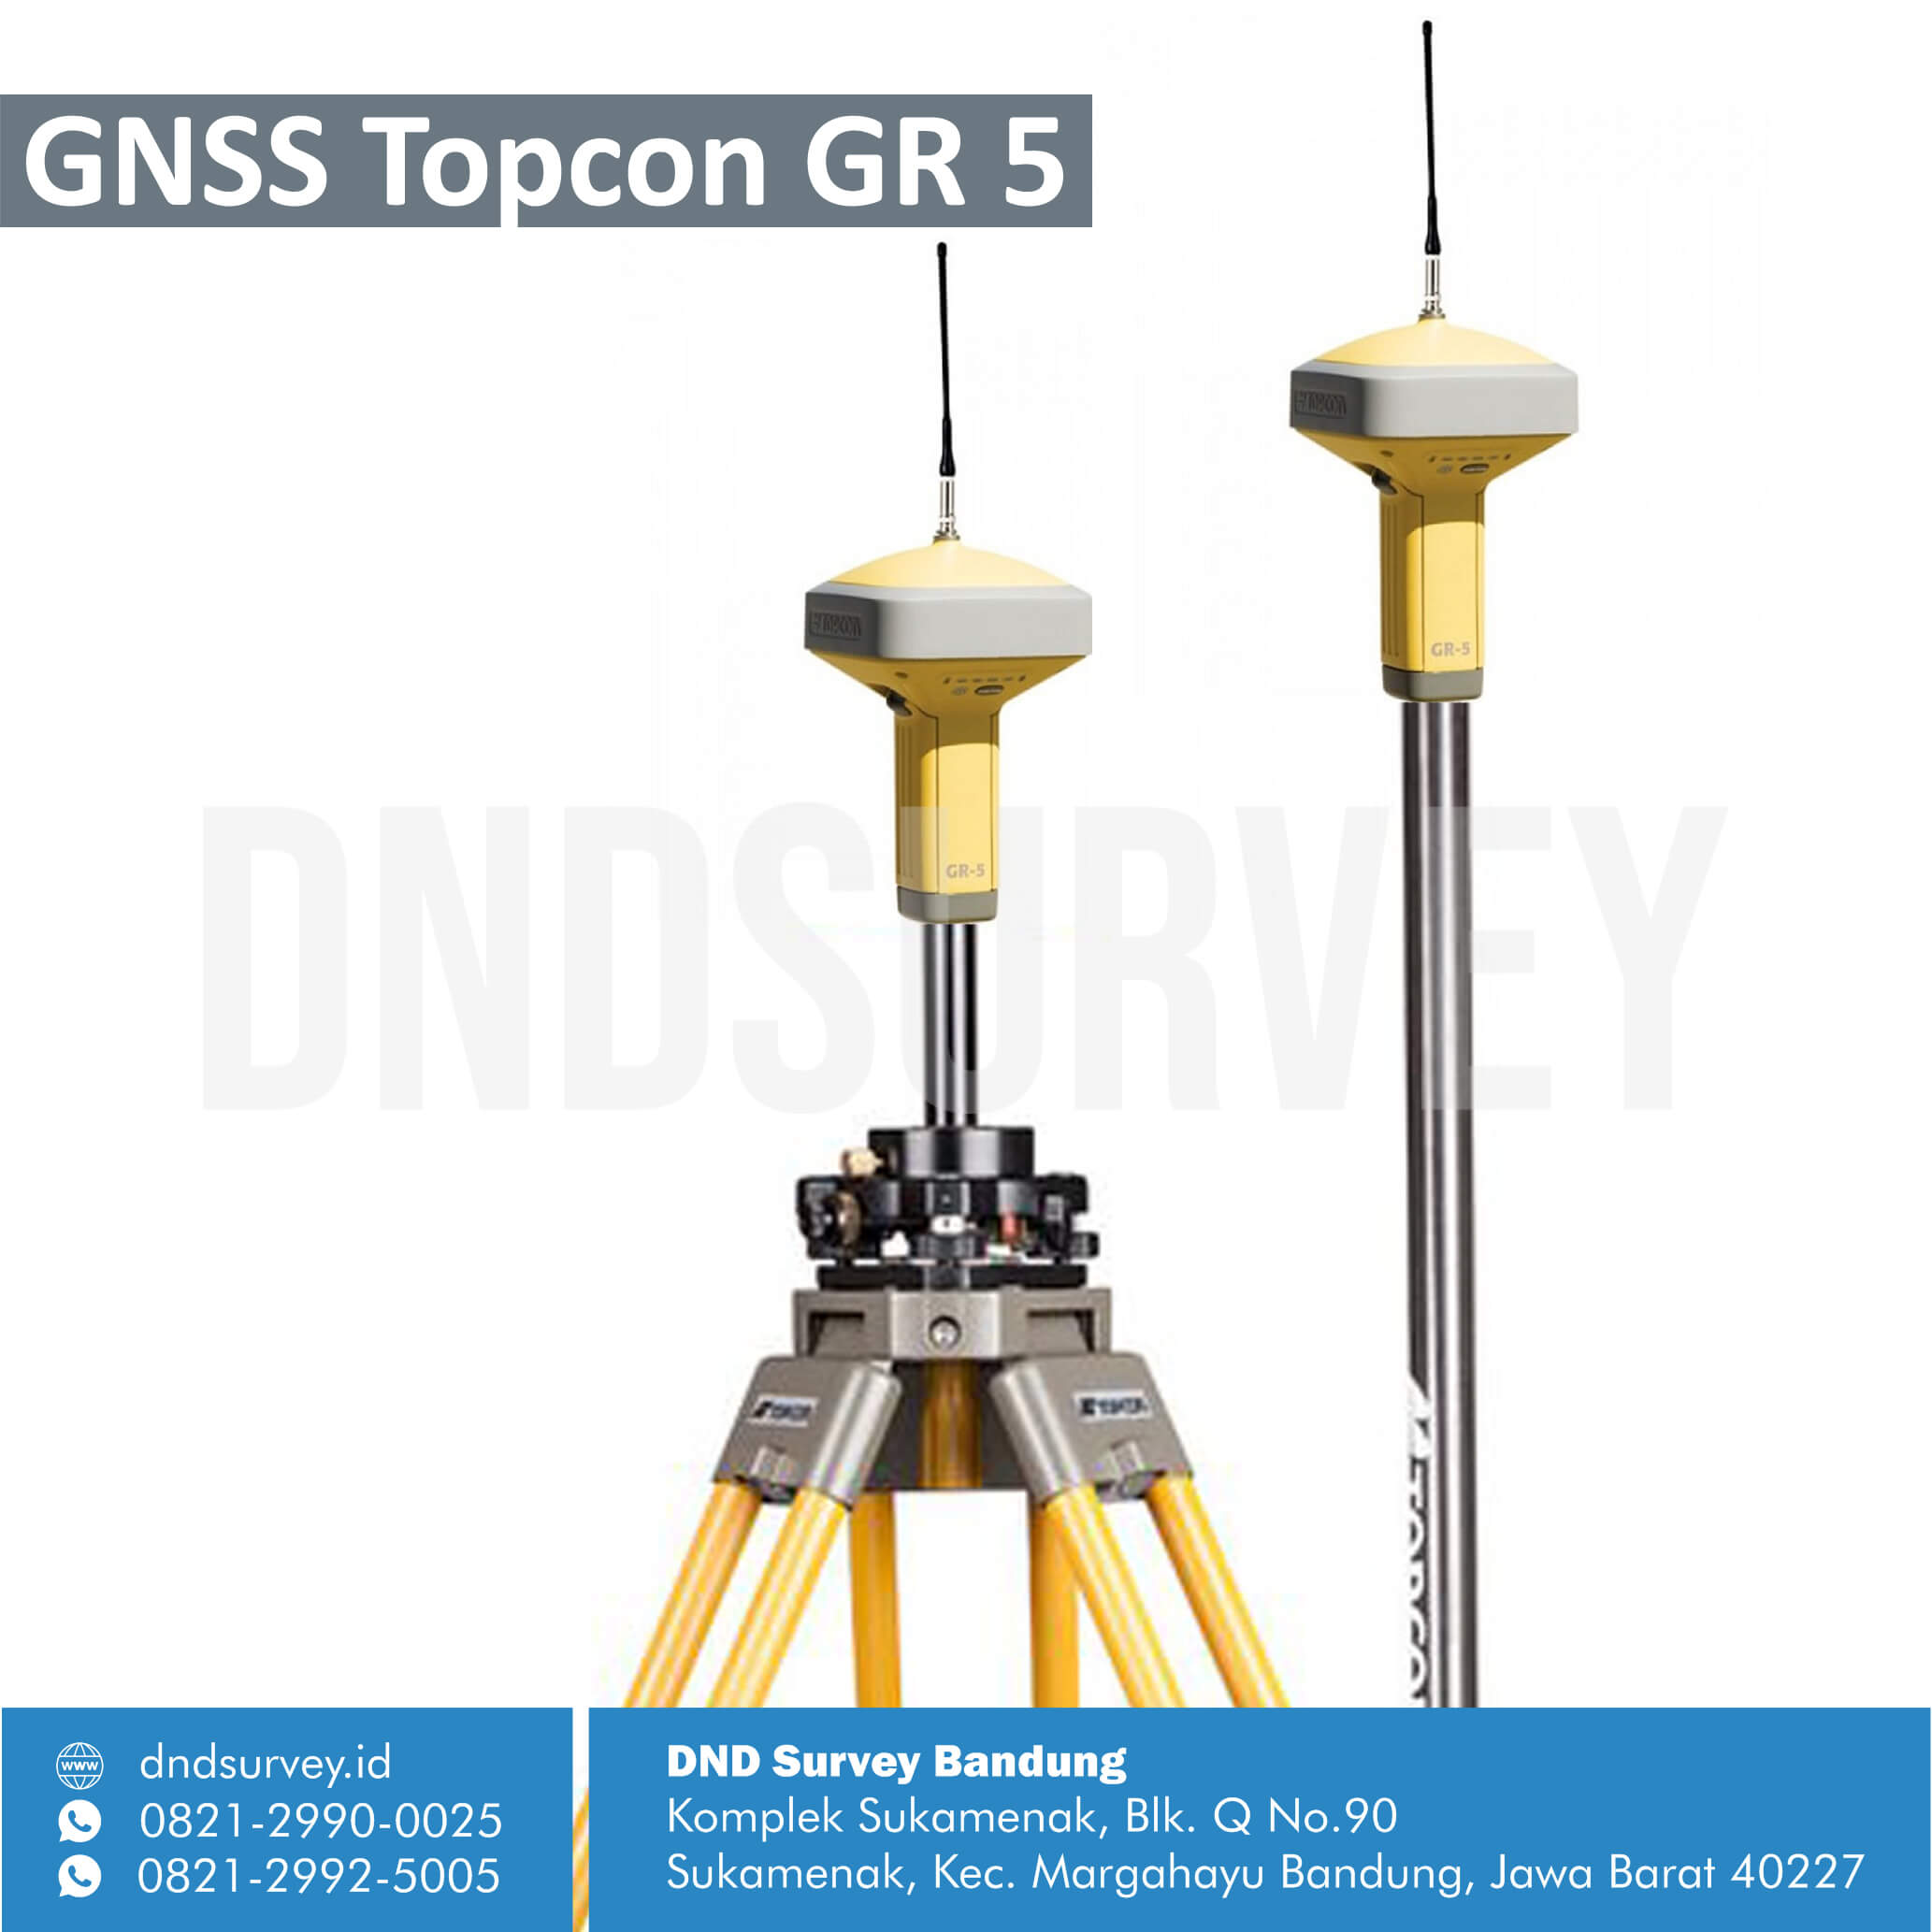 GNSS Topcon GR5